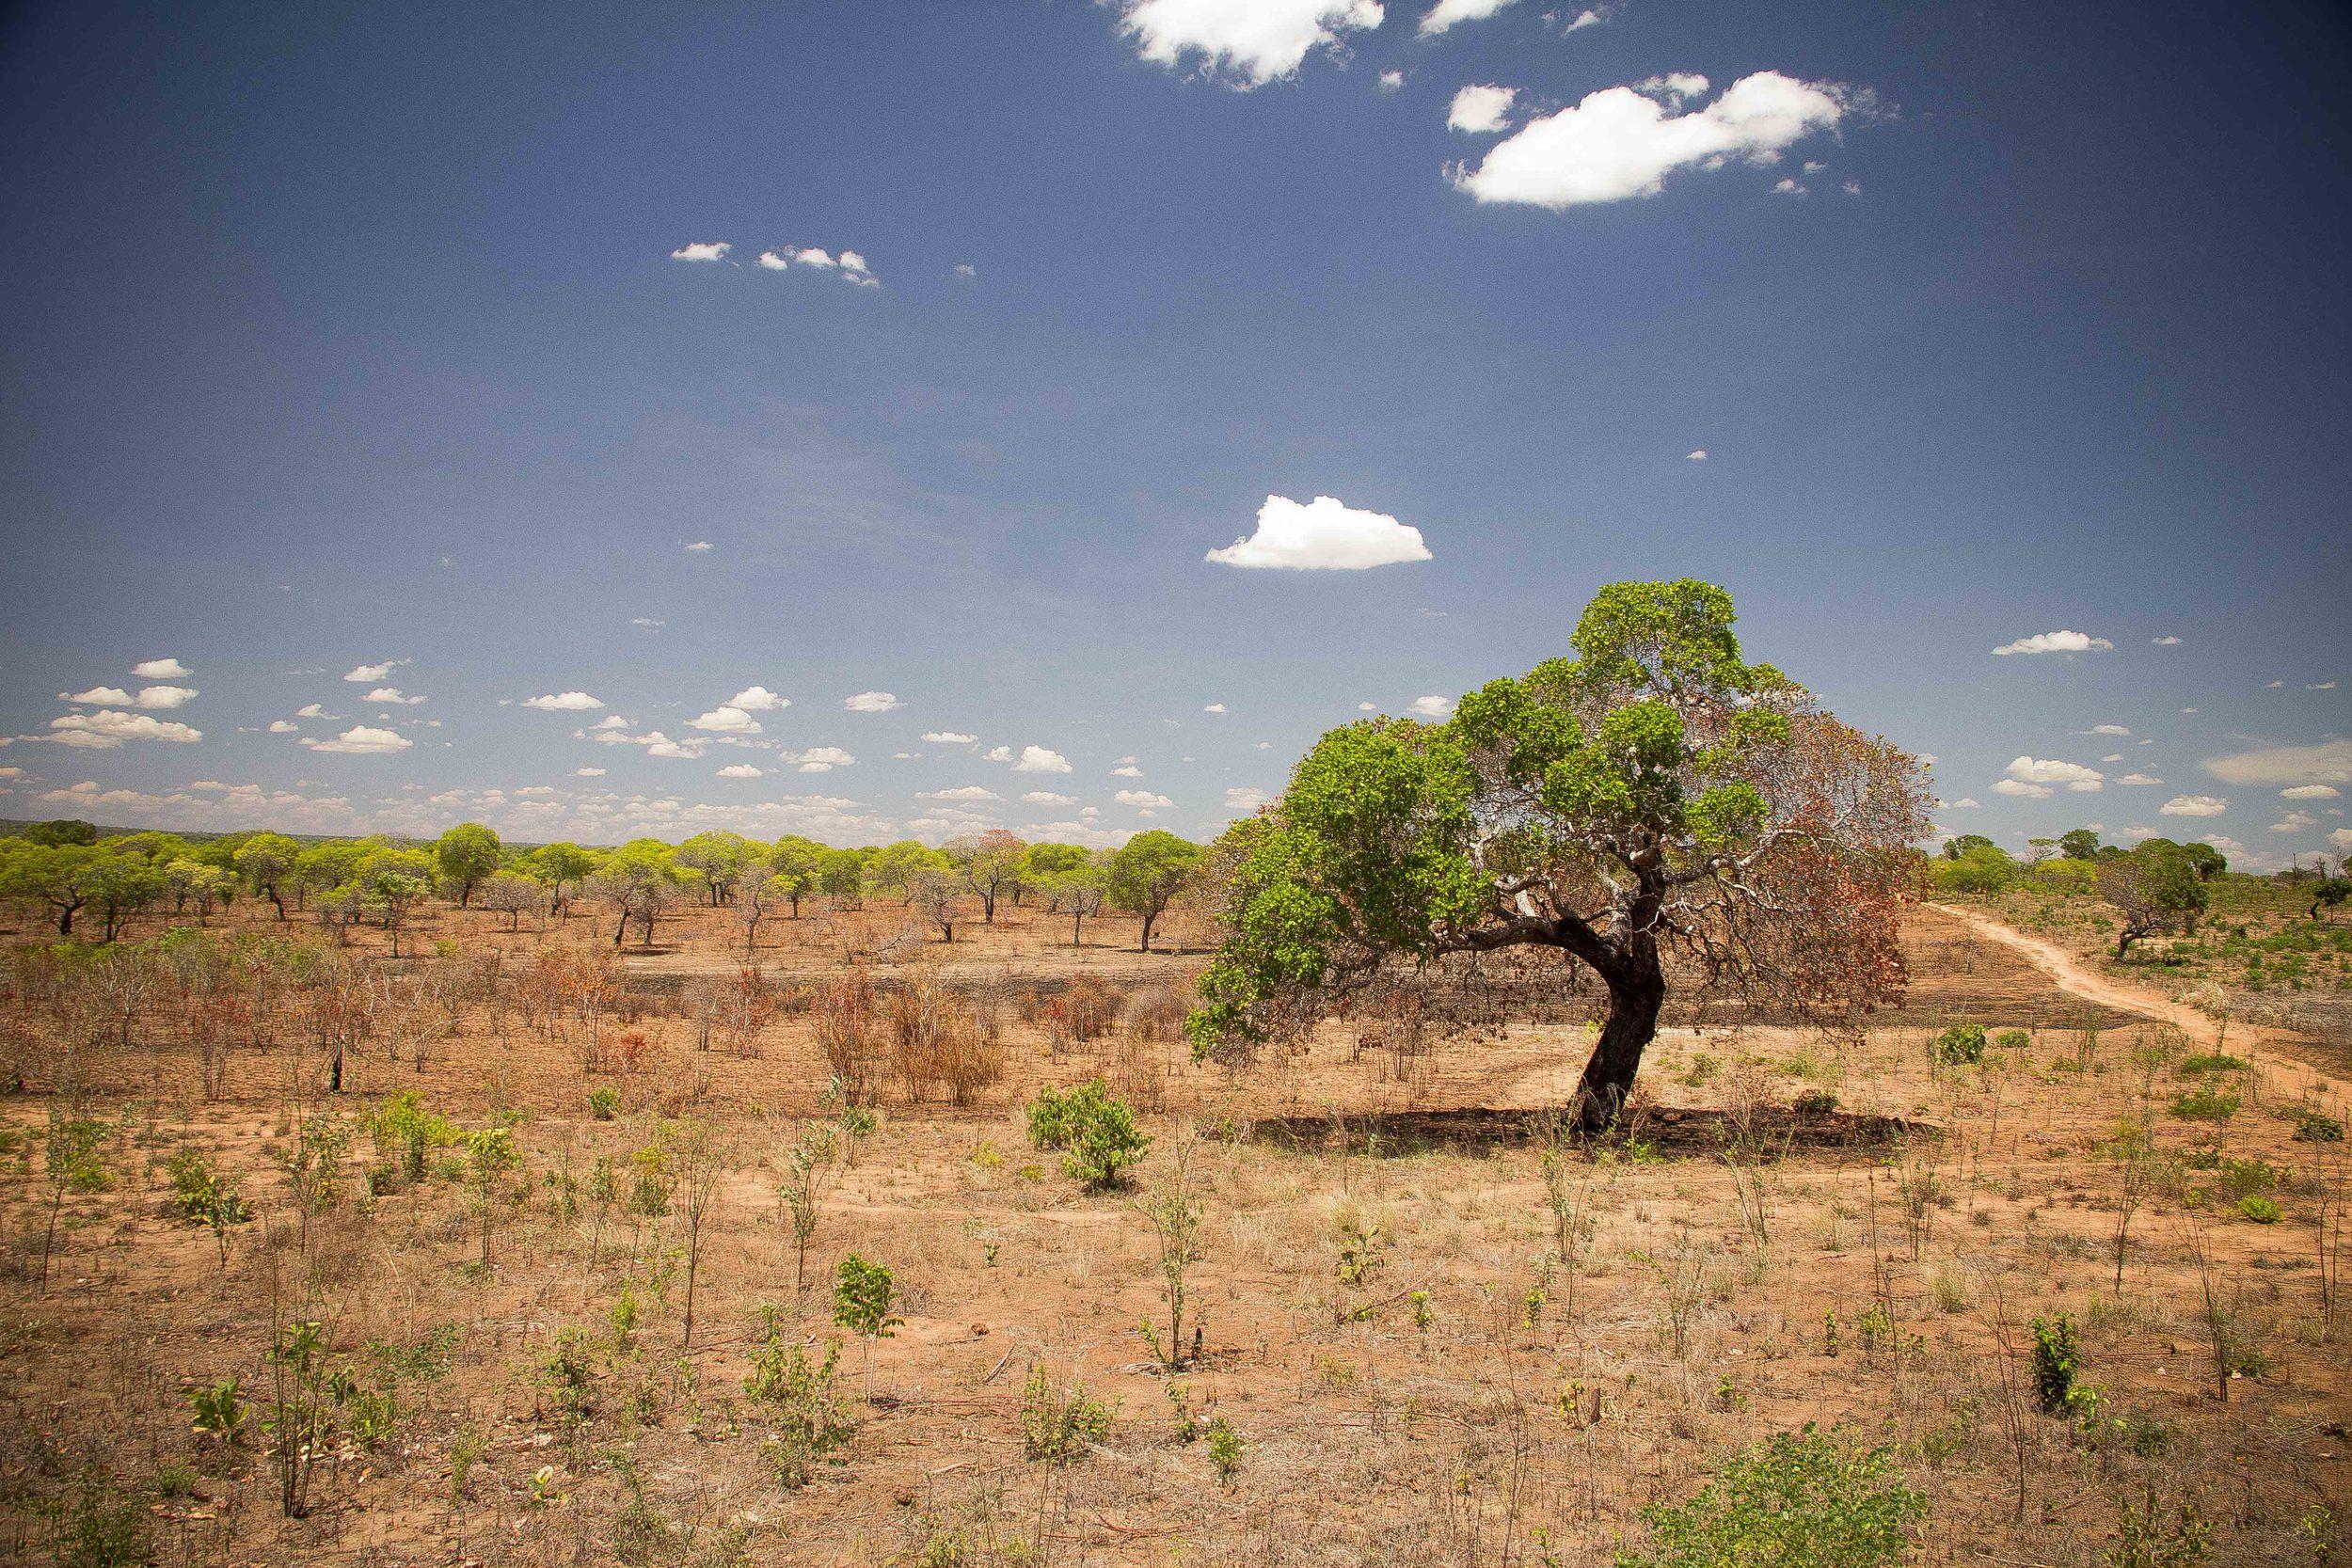 Mogovolas district, Nampula   province  – A farm with abandoned cashew trees that have suffered from annual wildfires |  Uma machamba de cajueiros abandonado que sofre de queimadas descontroladas anualmente